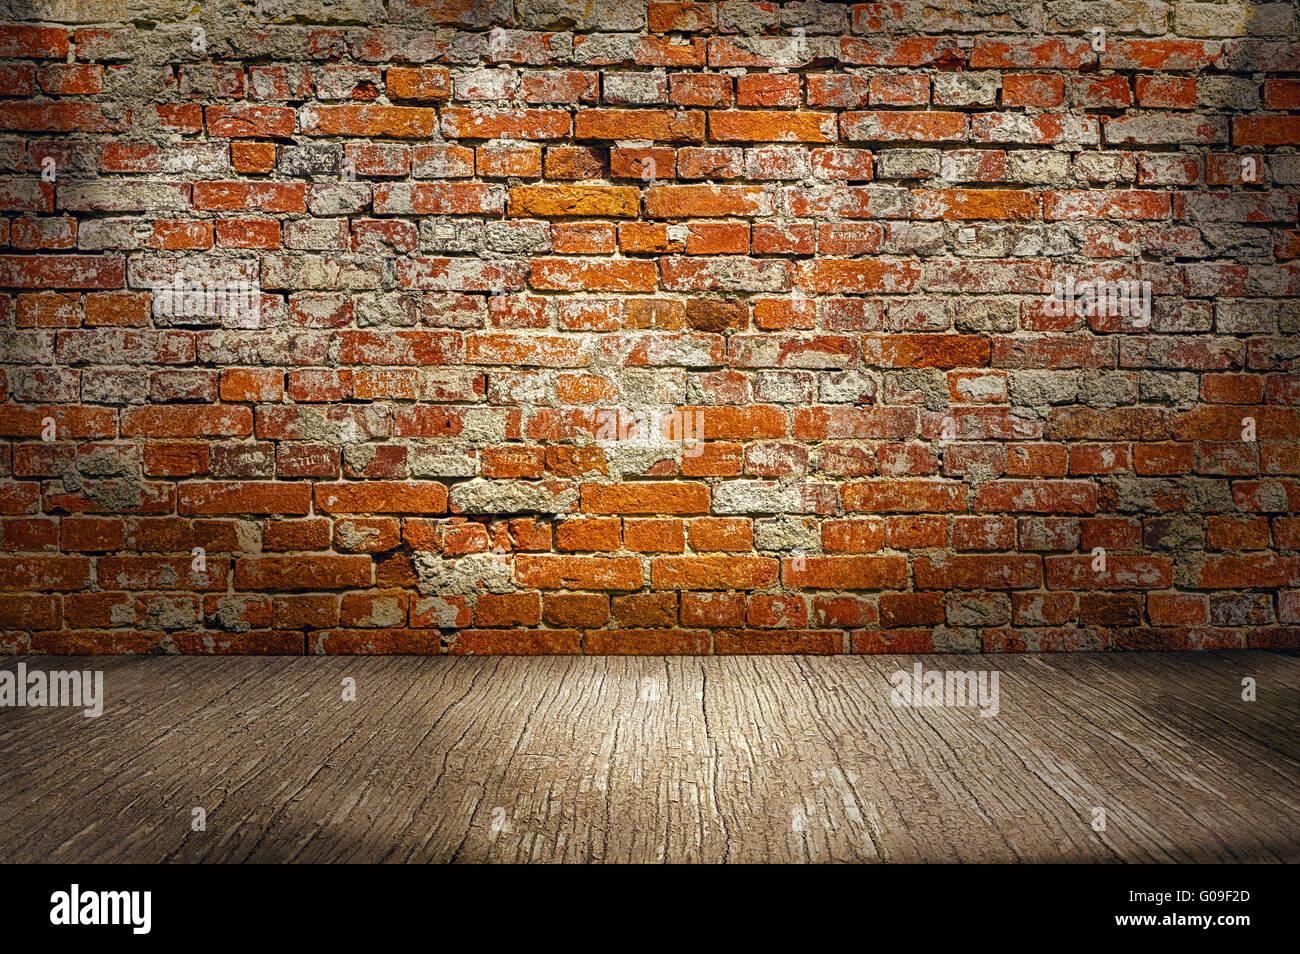 Backsteinwand Innen zimmer innen jahrgang mit rotem backstein wand und holz boden